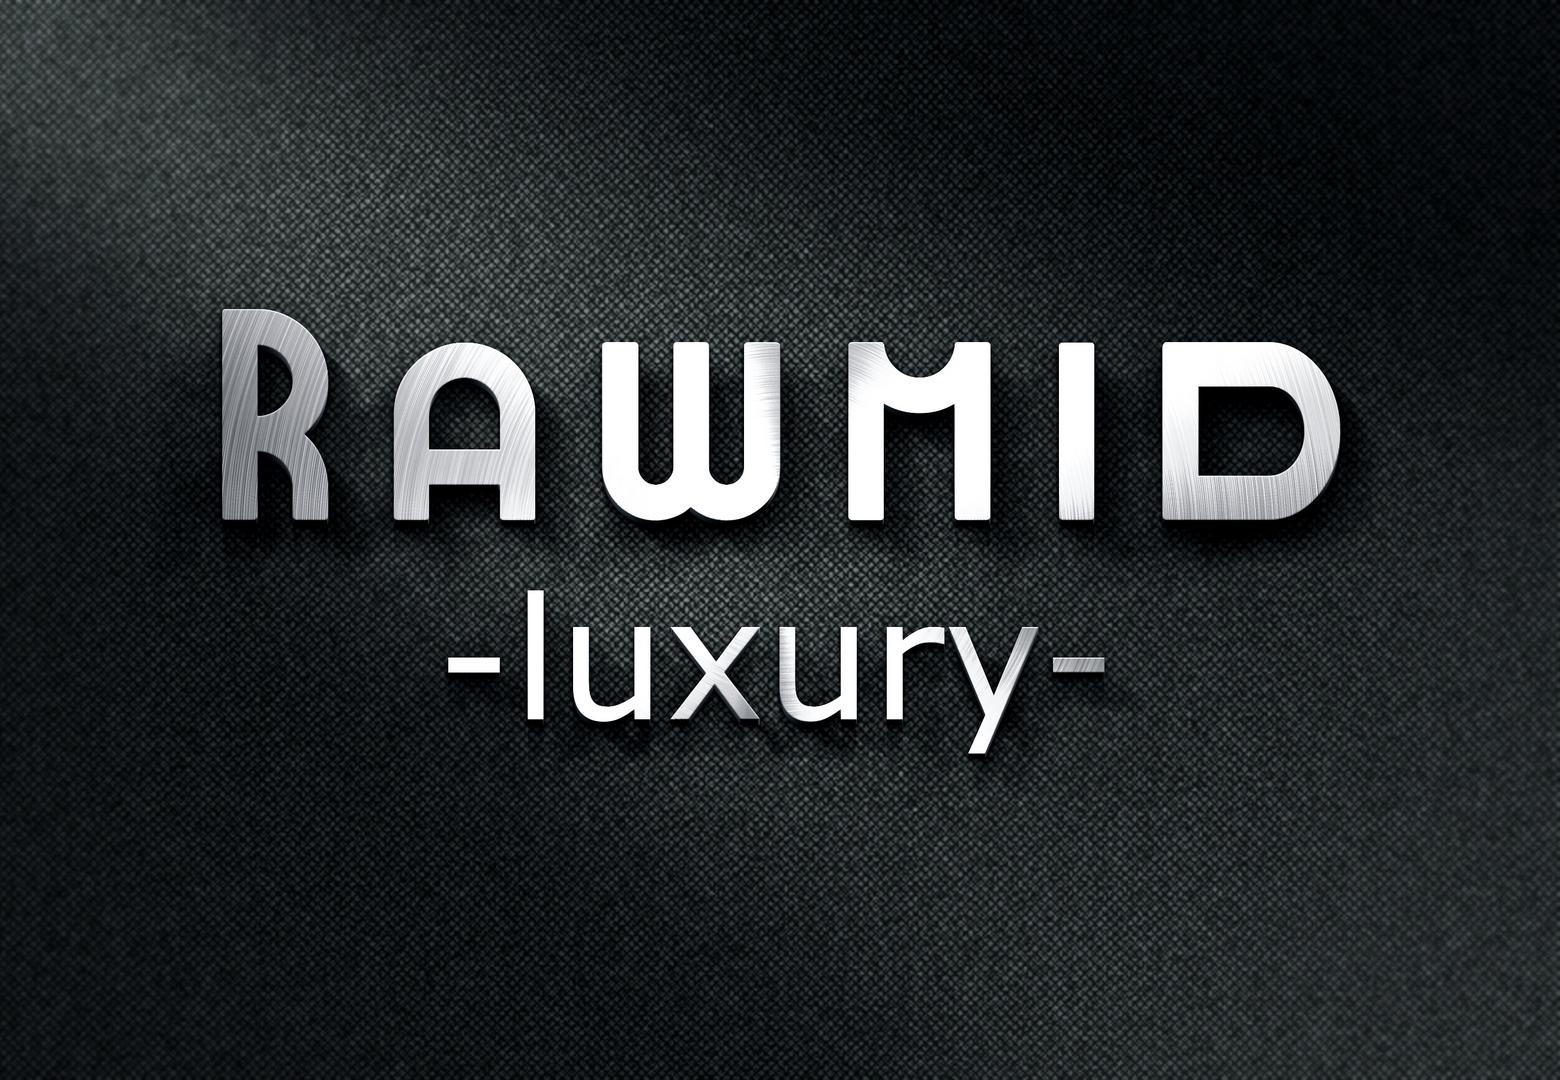 Создать логотип (буквенная часть) для бренда бытовой техники фото f_0055b347bed6941e.jpg